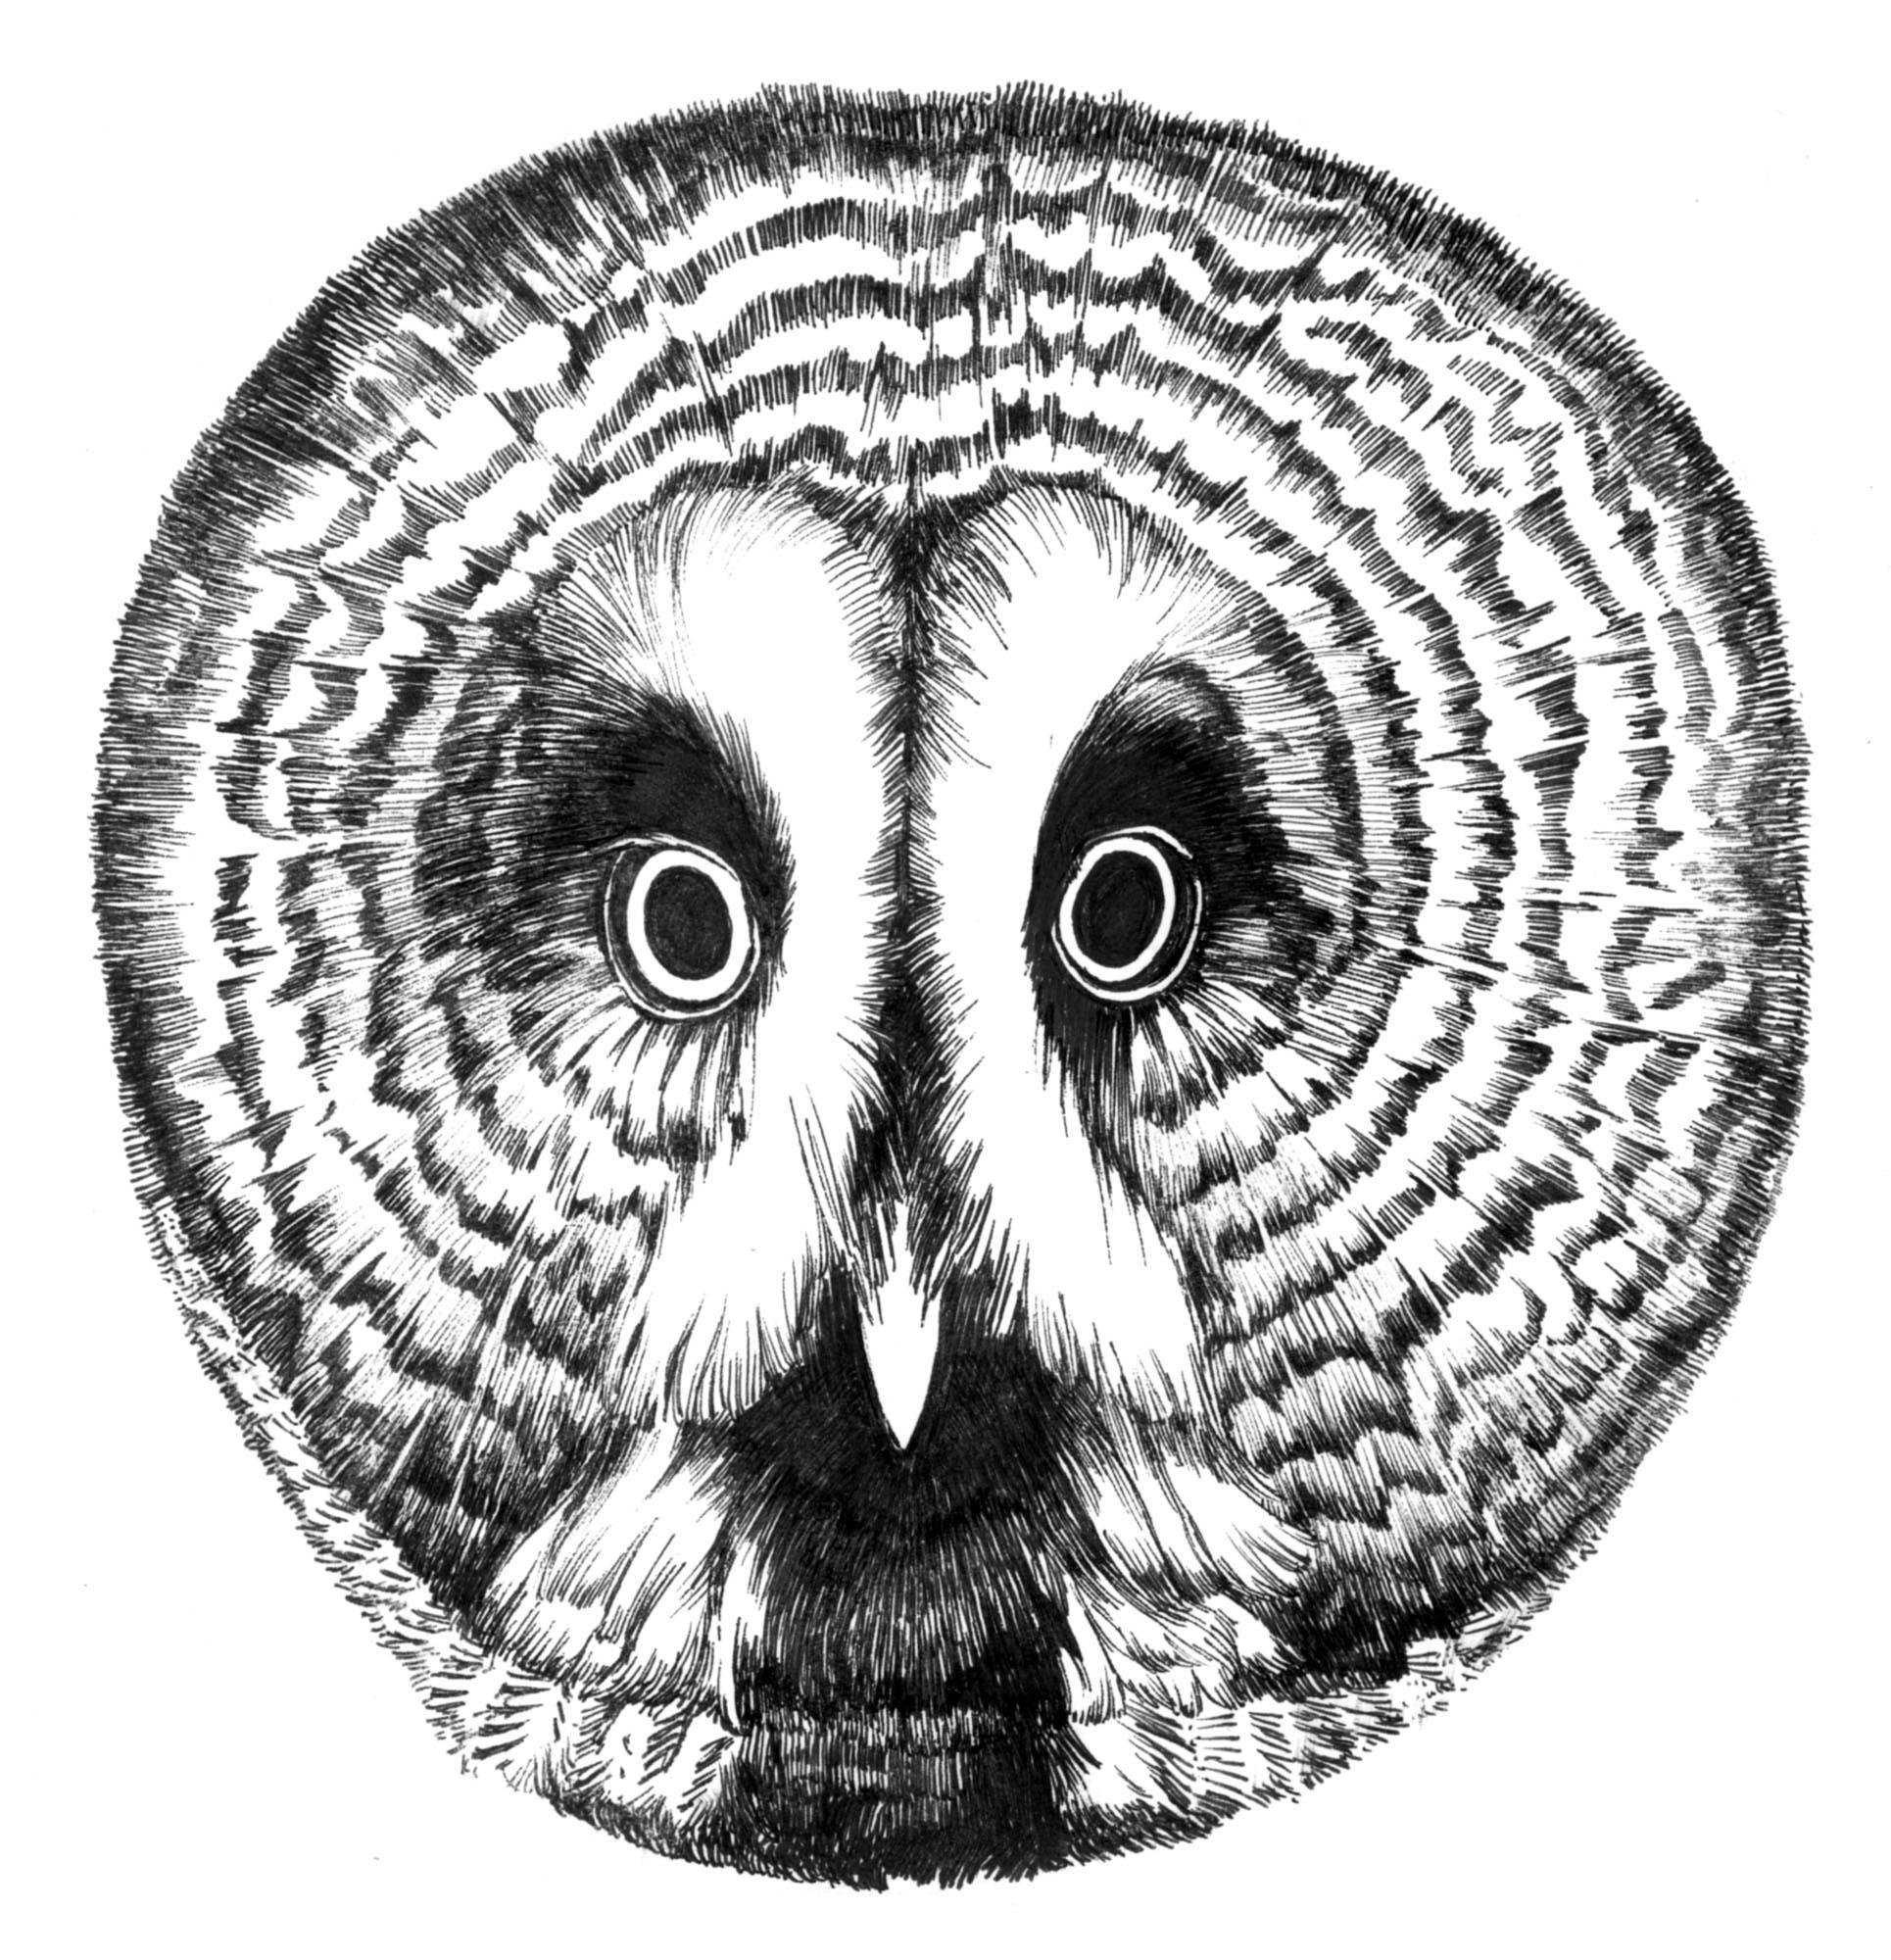 カラフトフクロウ顔